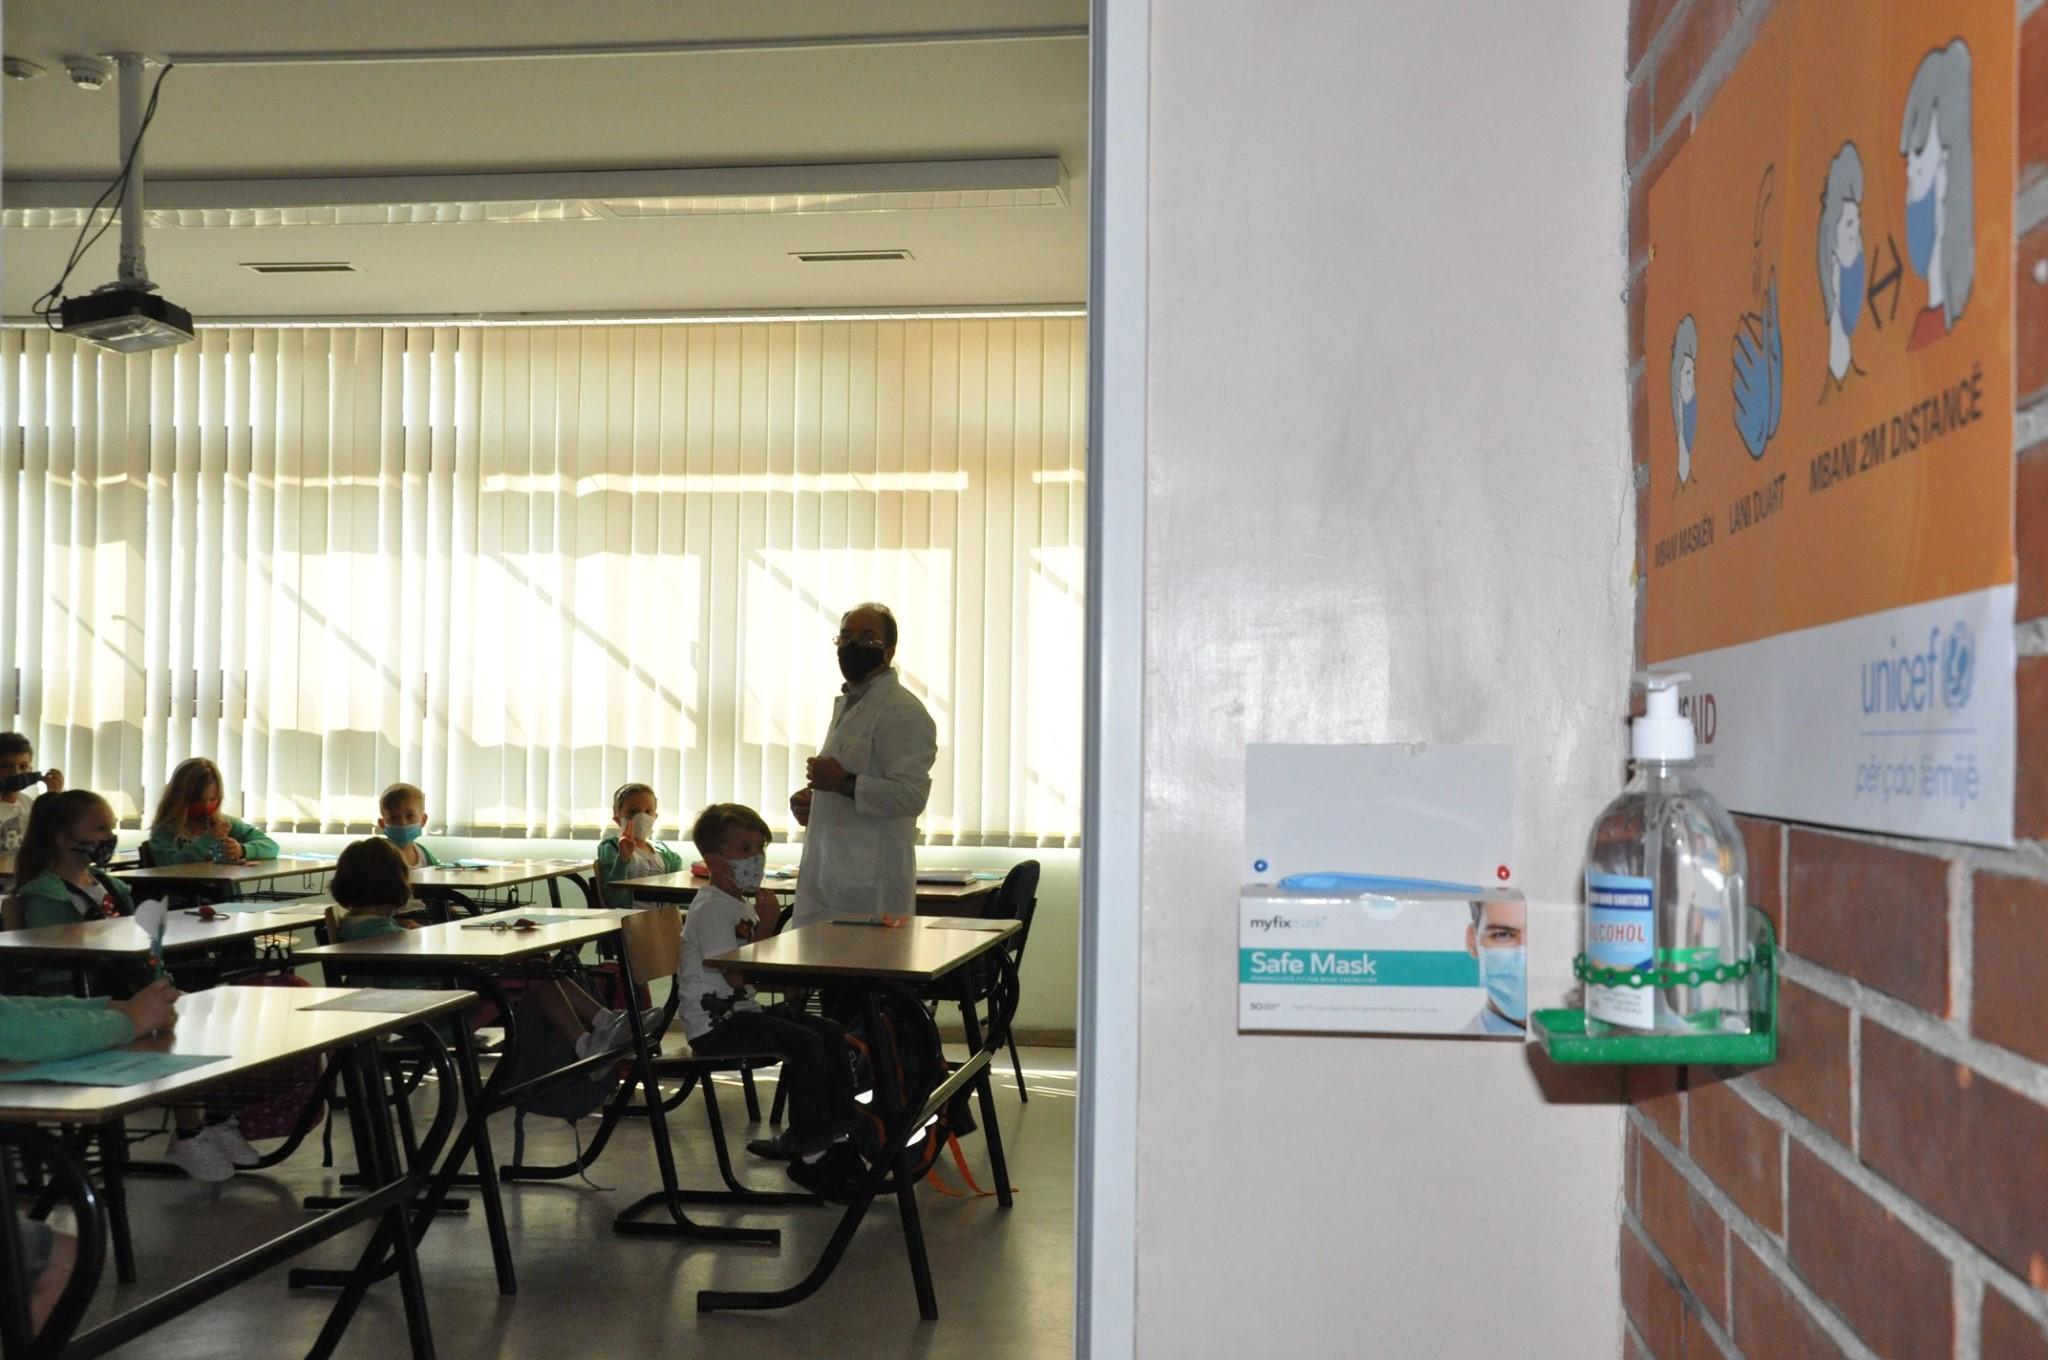 Ende në pritje, nuk dihet a do të kenë pushim javën tjetër nxënësit e Kosovës